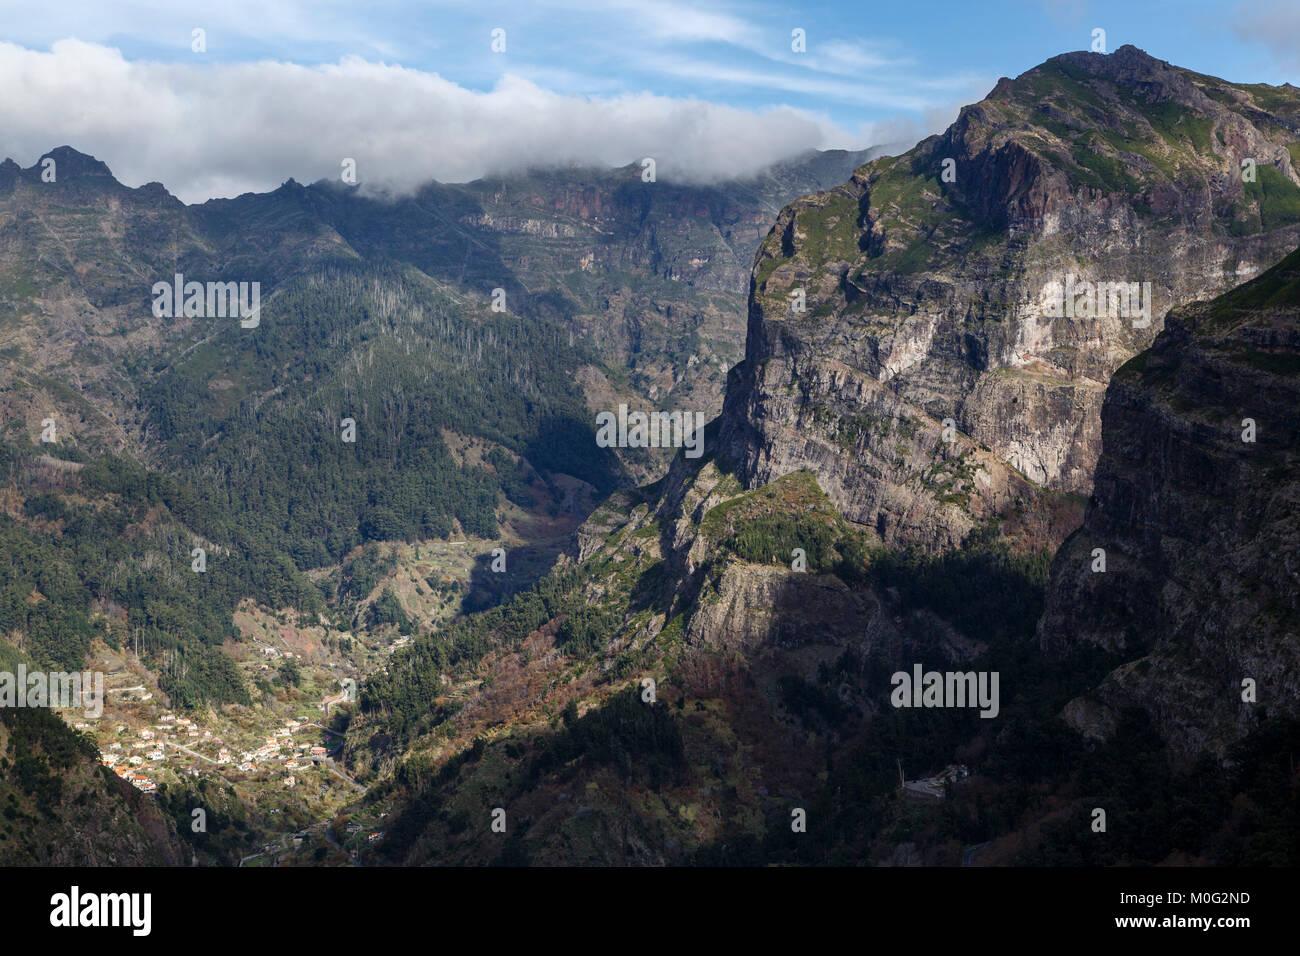 View of Nun's Valley (Curral das Freiras) from the Eira do Serrado viewpoint, Madeira - Stock Image